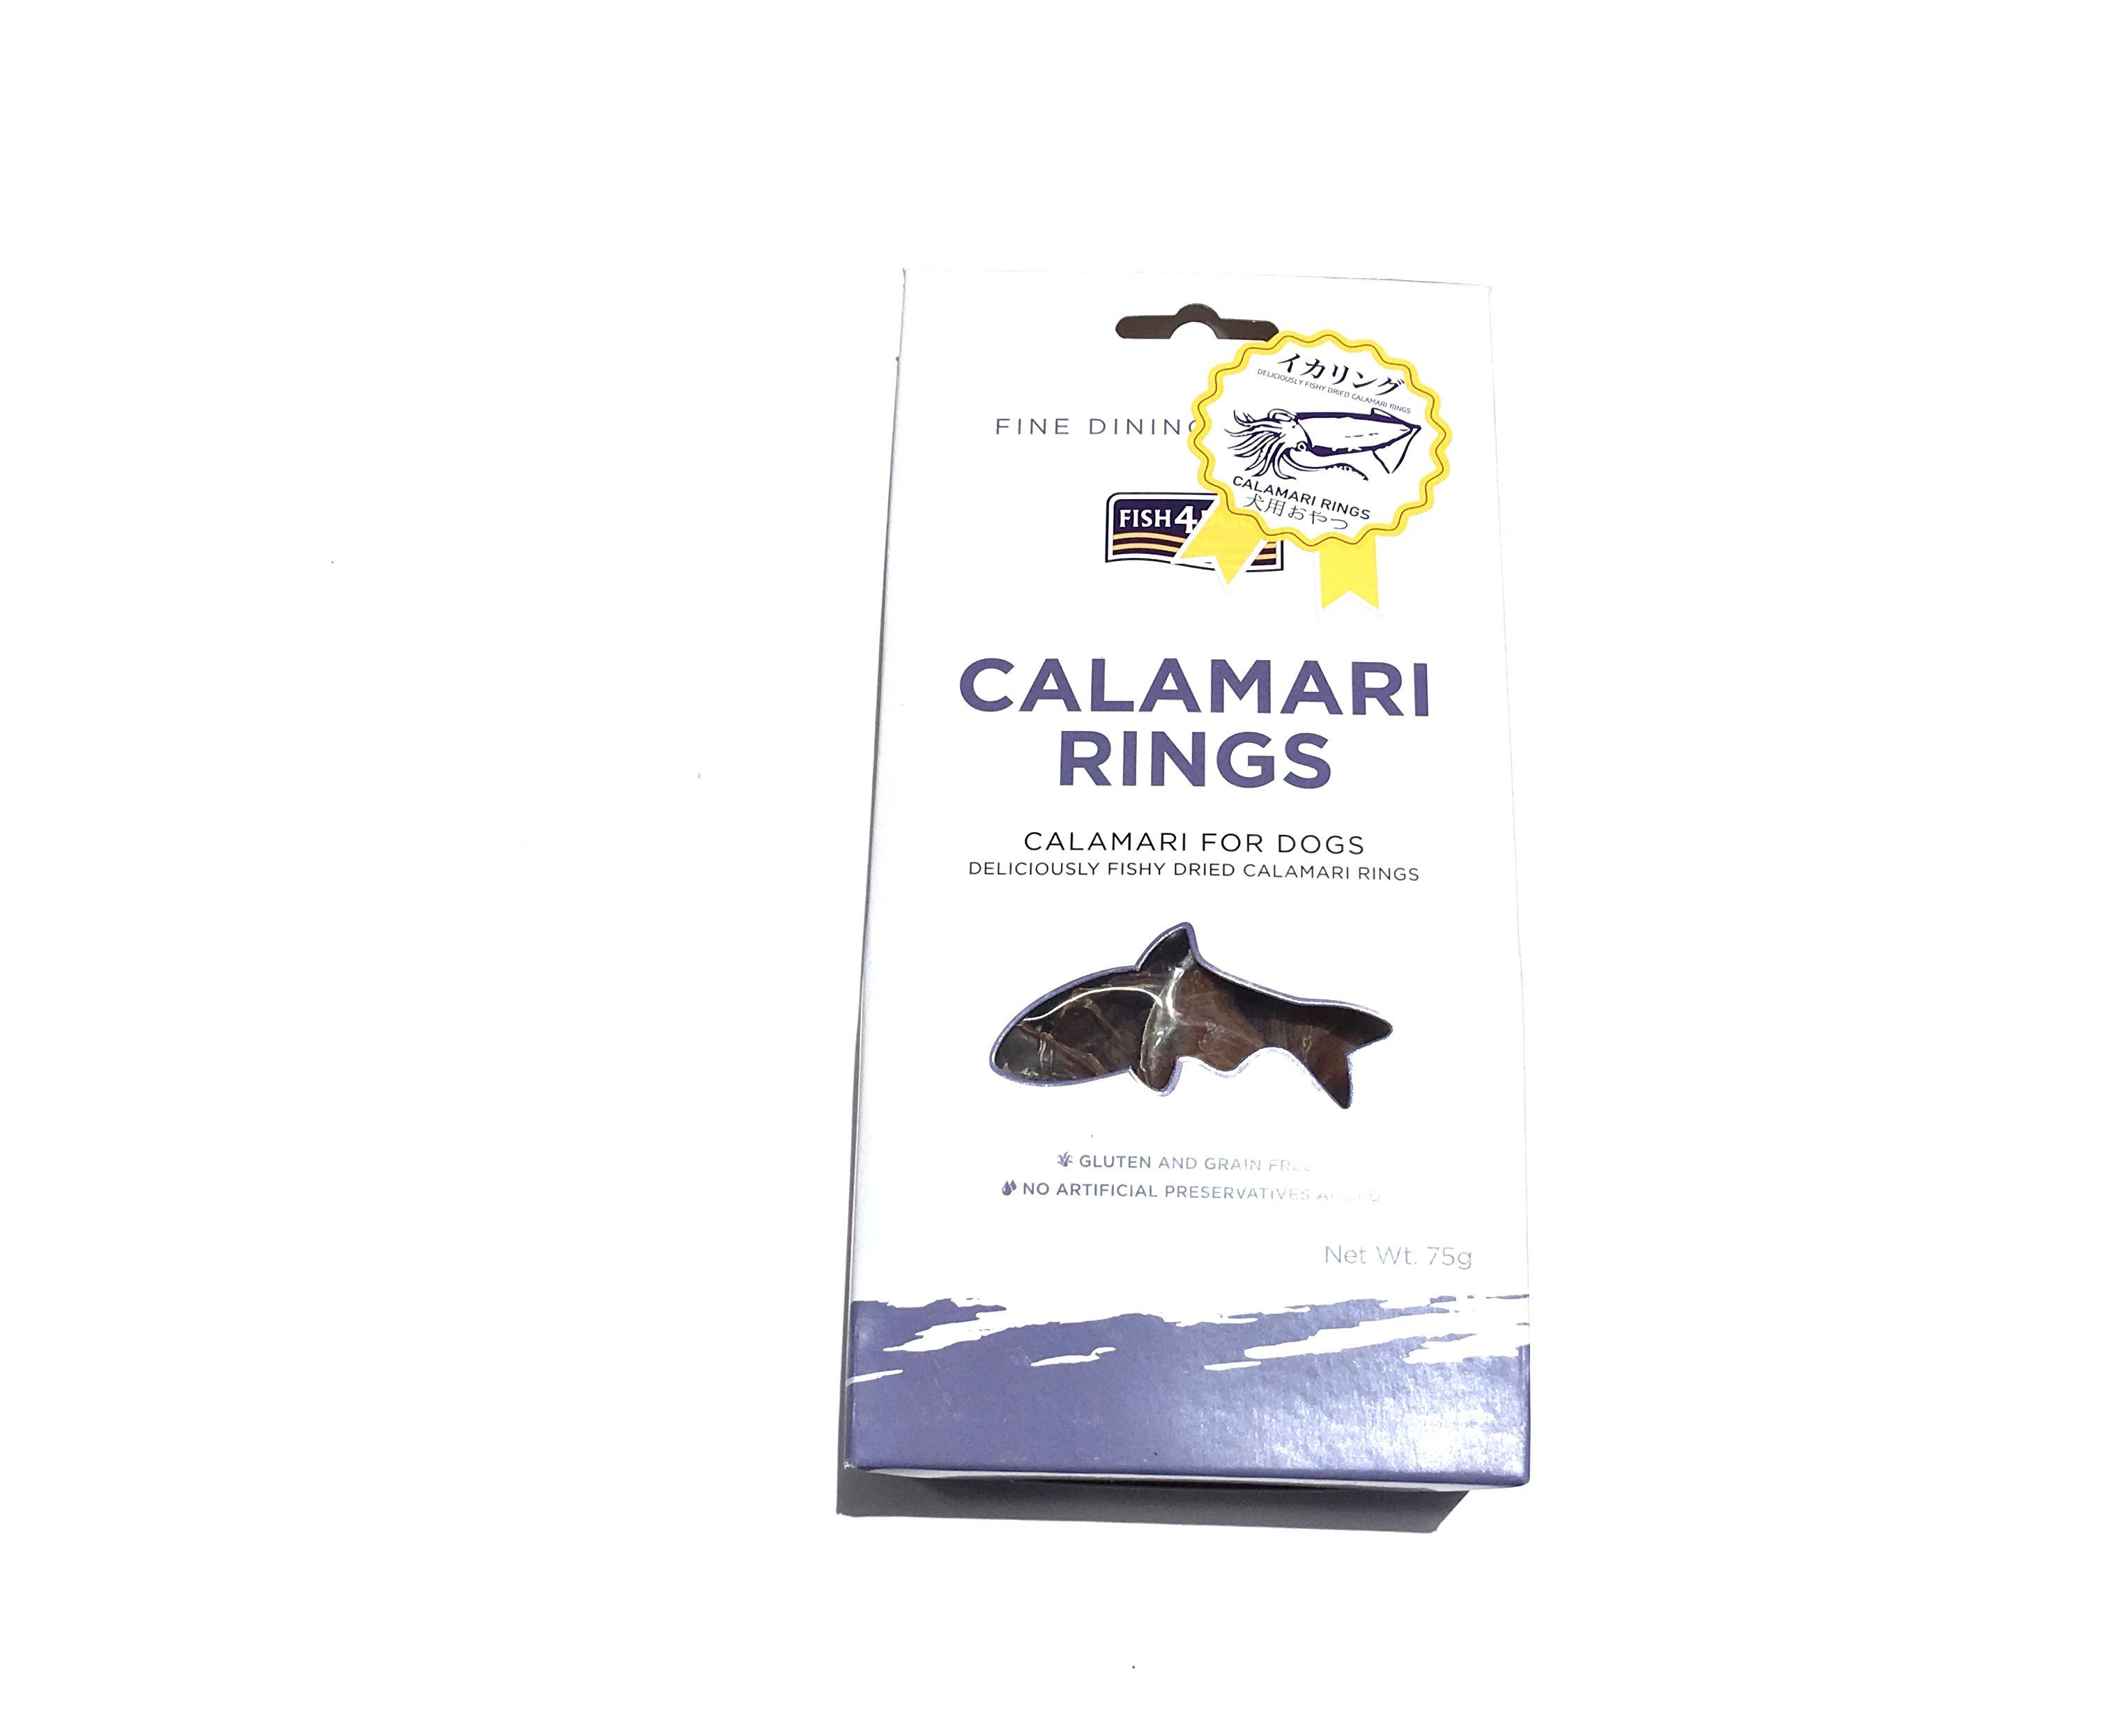 FISH 4 DOGS  CALAMARI RINGS フィッシュ フォー ドッグ カラマリ リング_d0217958_13275559.jpg